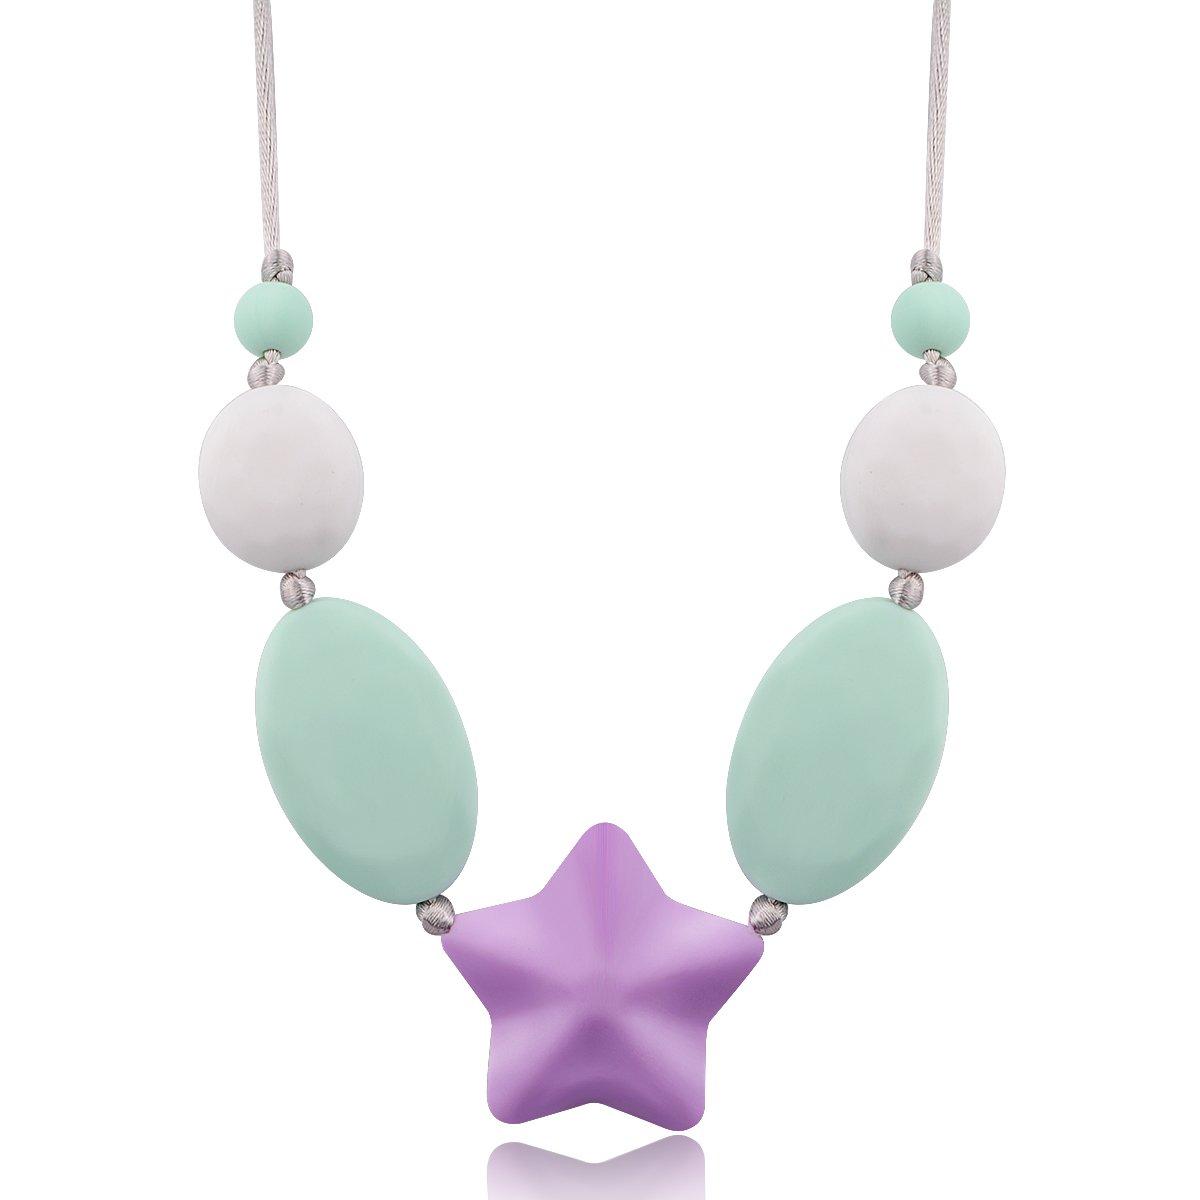 Jouets de dentition de bébé, Bracelet de perles de dentition multifonctionnel pour les femmes, jouets à mâcher Safe bébé, Rose Rose Megoday Megoday-Bracelet-bx-a